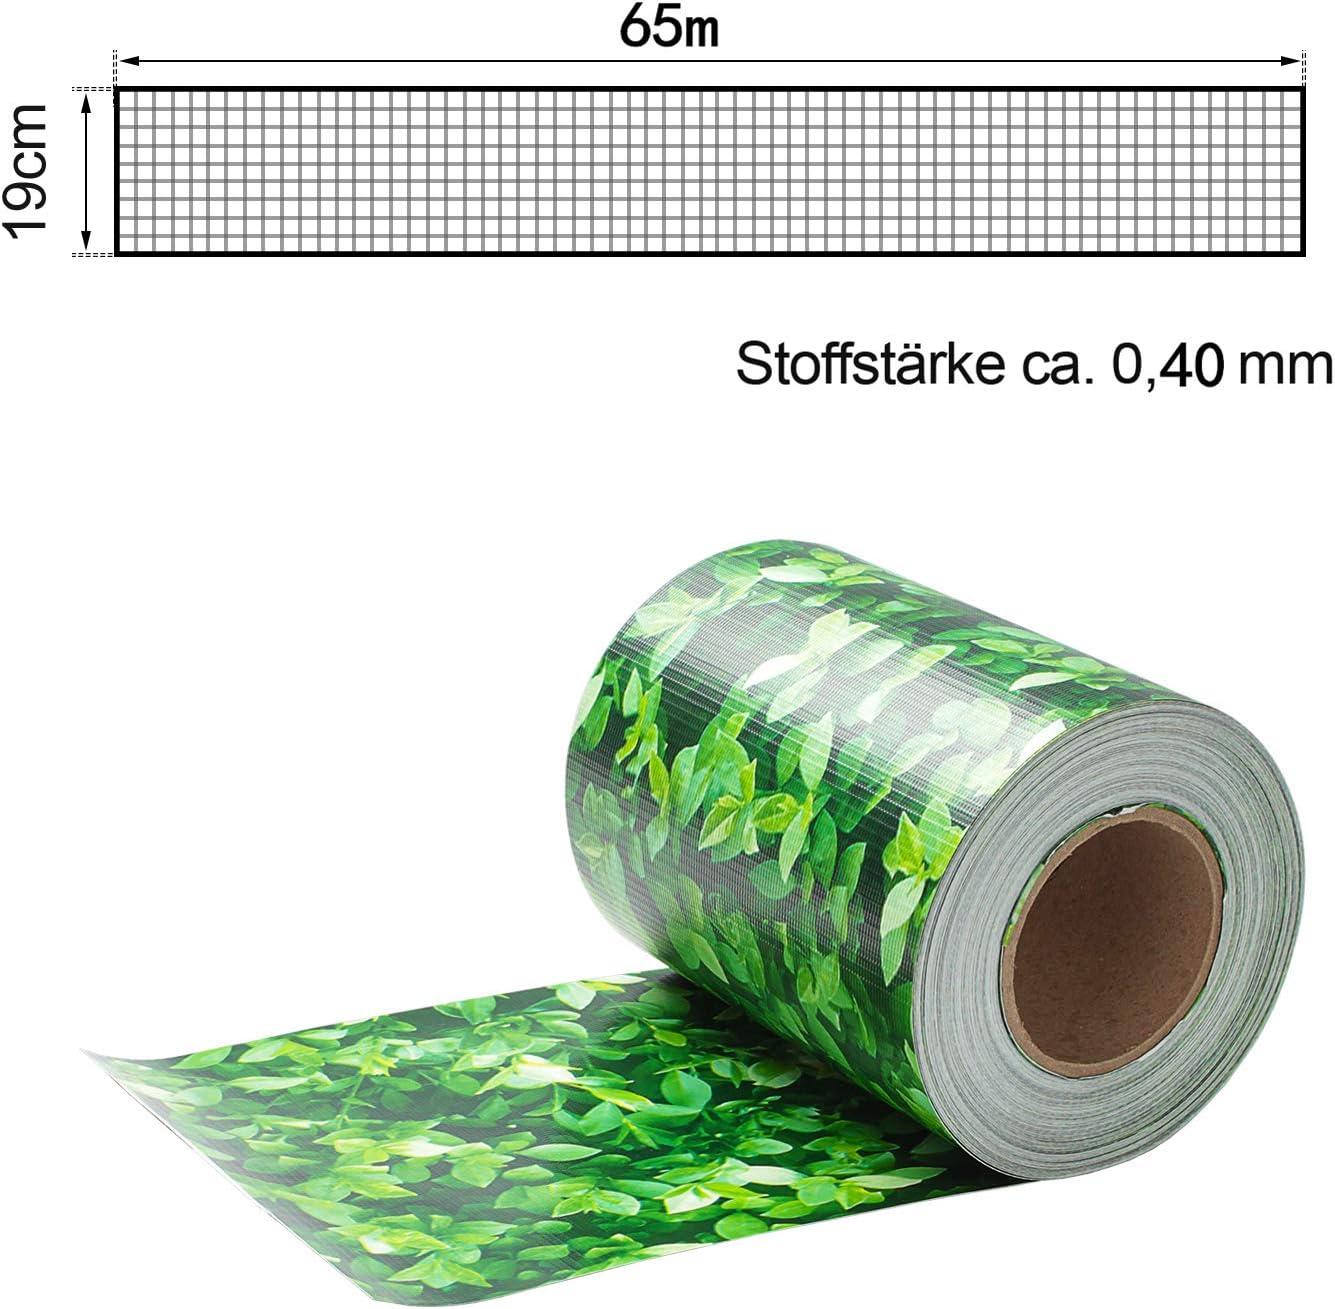 VINGO Strisce di Privacy Balcone 35m x 19cm visibilit/à PVC Paravista Strisce Rotolo Frangivista in PVC per Recinzione da Giardino a Doppia Barra